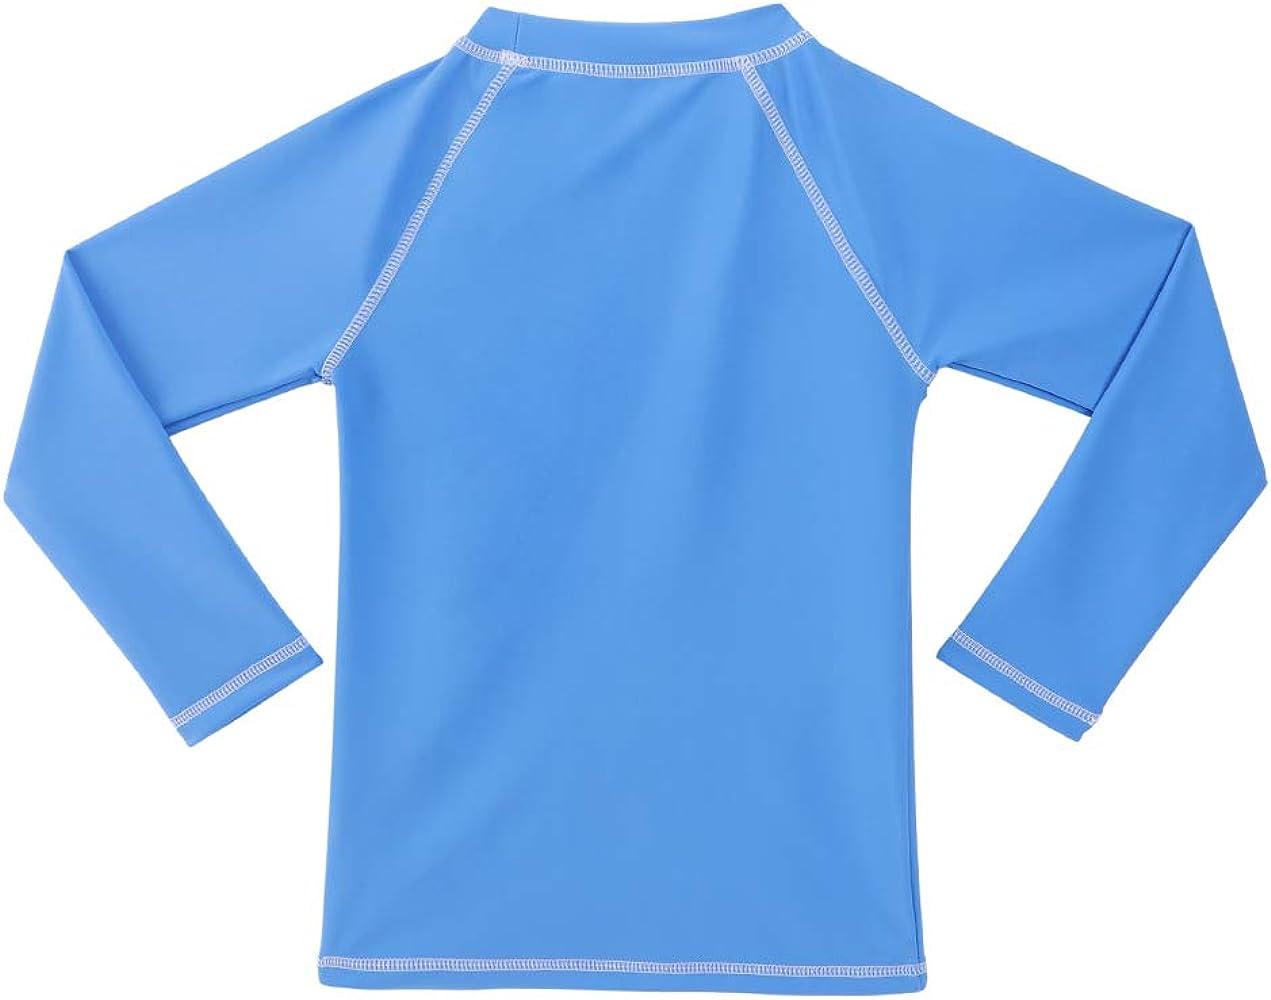 TIZAX Camiseta UV de Manga Larga para niños Traje de baño con UPF 50+ protección Solar Rashguard para Surf/Nadando/Buceo/Playa Azul 104: Amazon.es: Ropa y accesorios